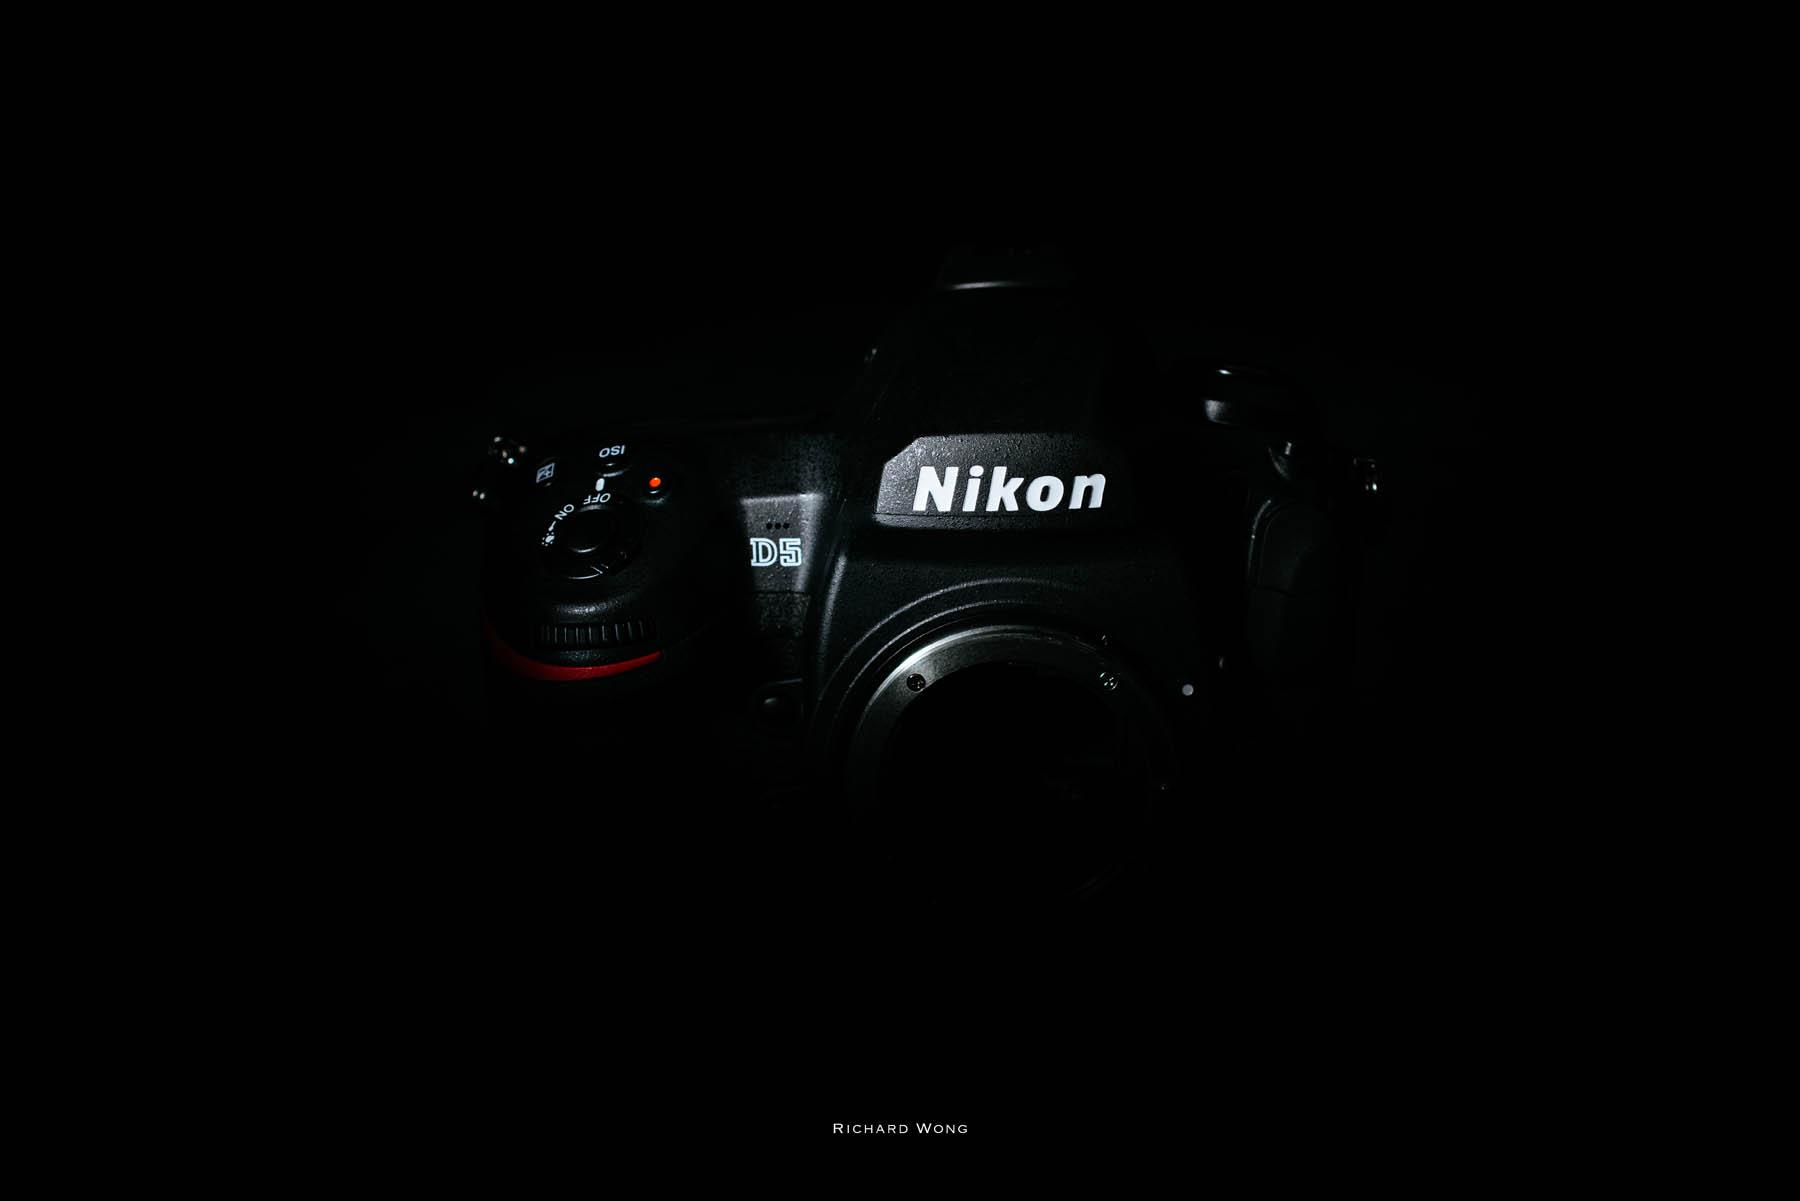 Nikon-D5-Review-02